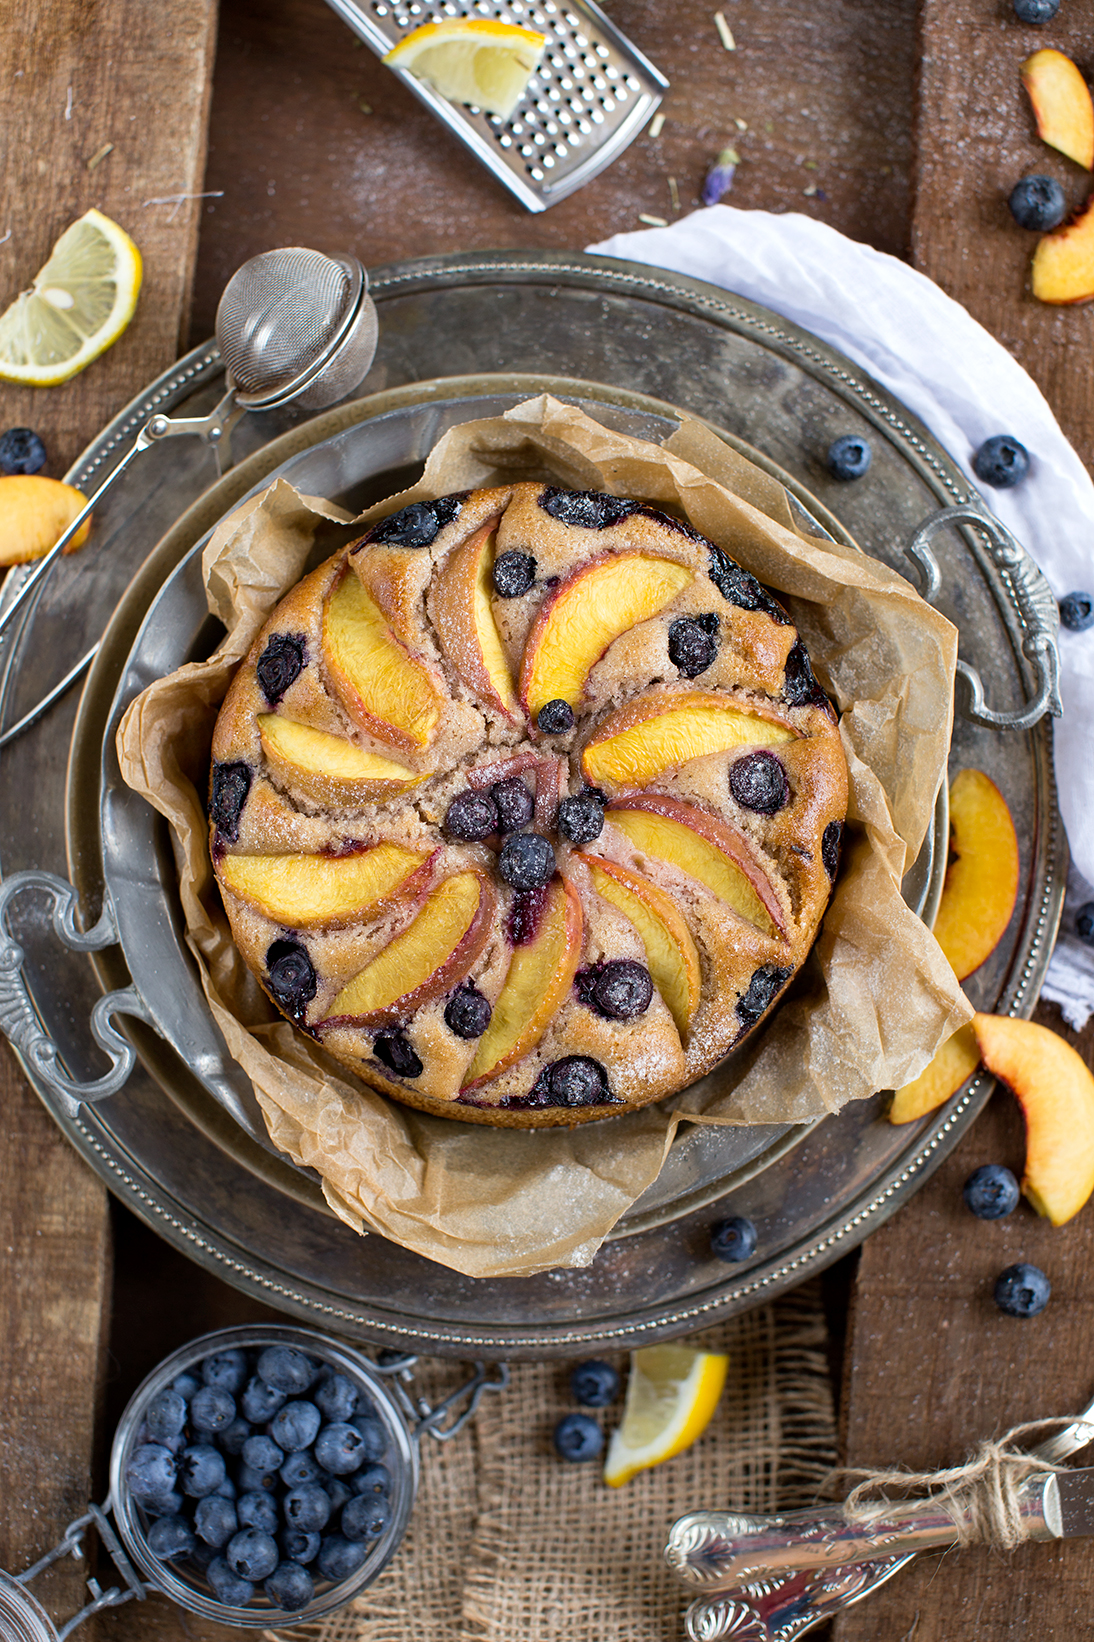 BLUEBERRY PEACH YOGURT cake VEGAN + GLUTENFREE. Delicious and amazing decadent #eggfree #dairyfree healthy fruit pie | Torta PESCHE, MIRTILLI e YOGURT VEGAN + SENZA GLUTINE. Senza zuccheri raffinati, senza uova, senza burro. pochi ingredienti, sana, veloce e deliziosamente bella questa torta è perfetta per la colazione e non solo.